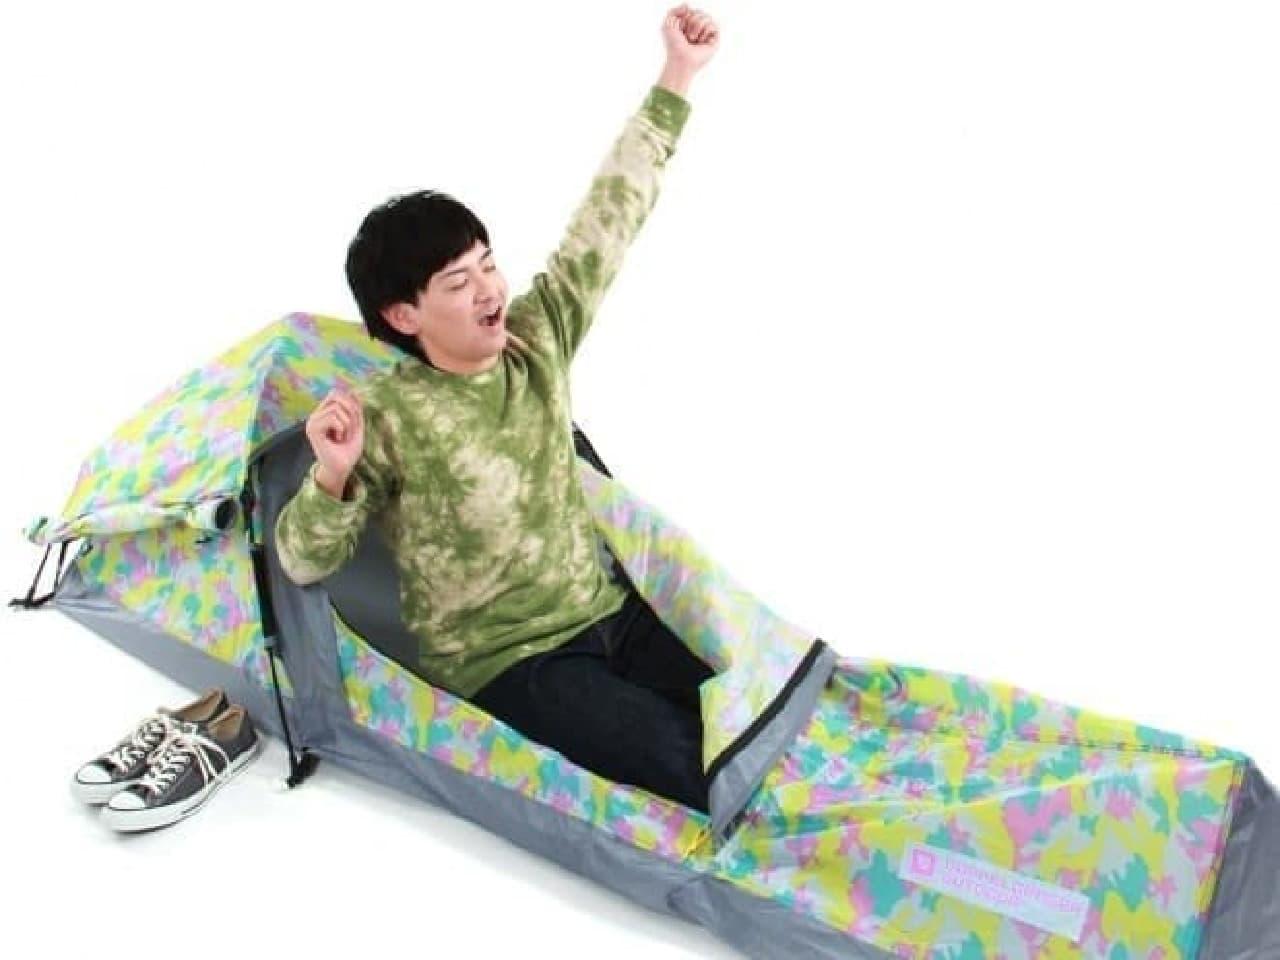 参考画像:「スキマテント」  「眠る場所があれば良い」という、究極の効率主義&個人主義